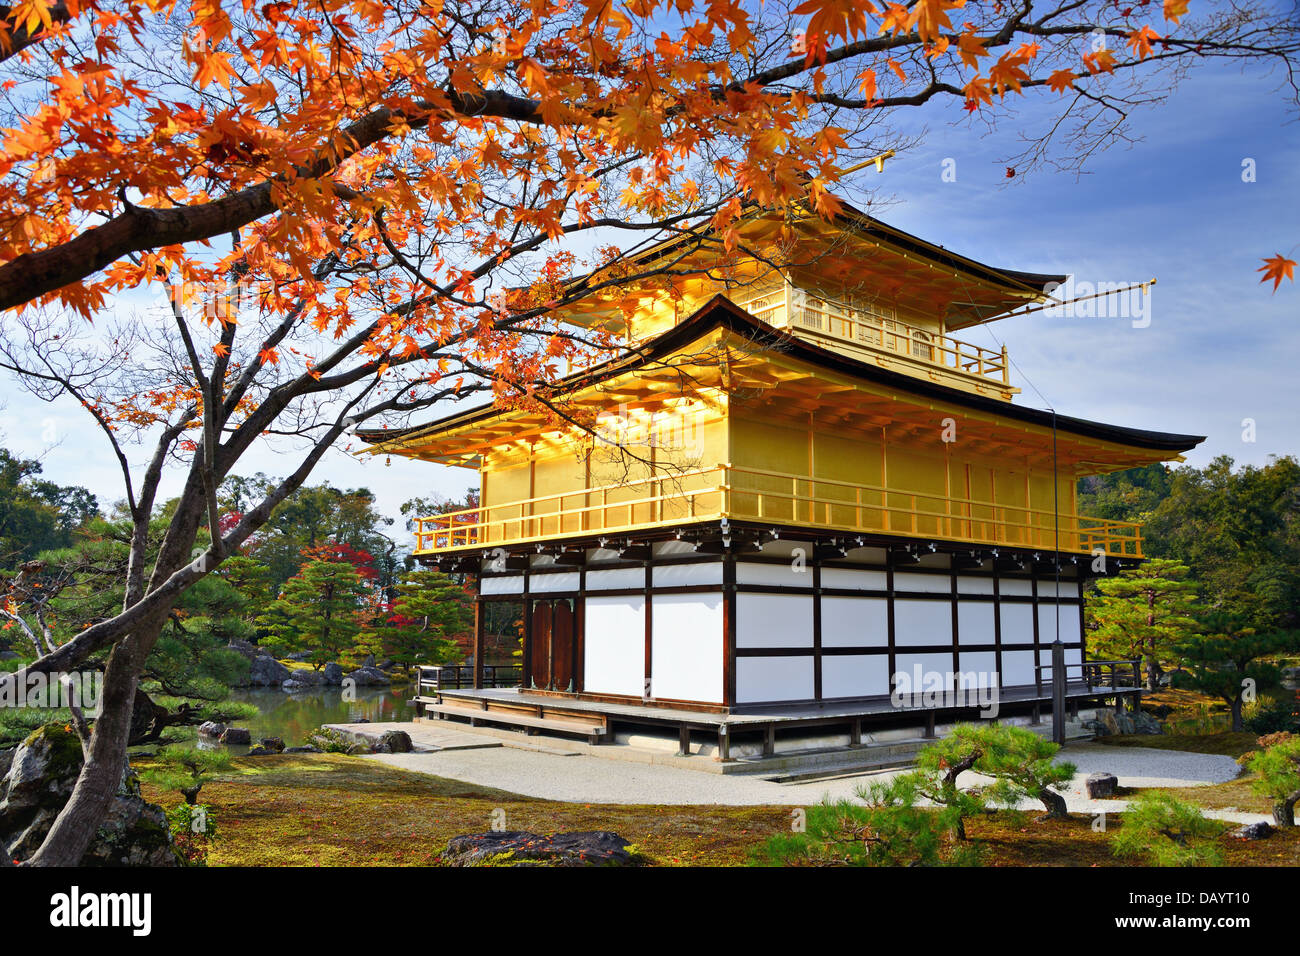 Temple du pavillon d'or de Kyoto au Japon. Photo Stock